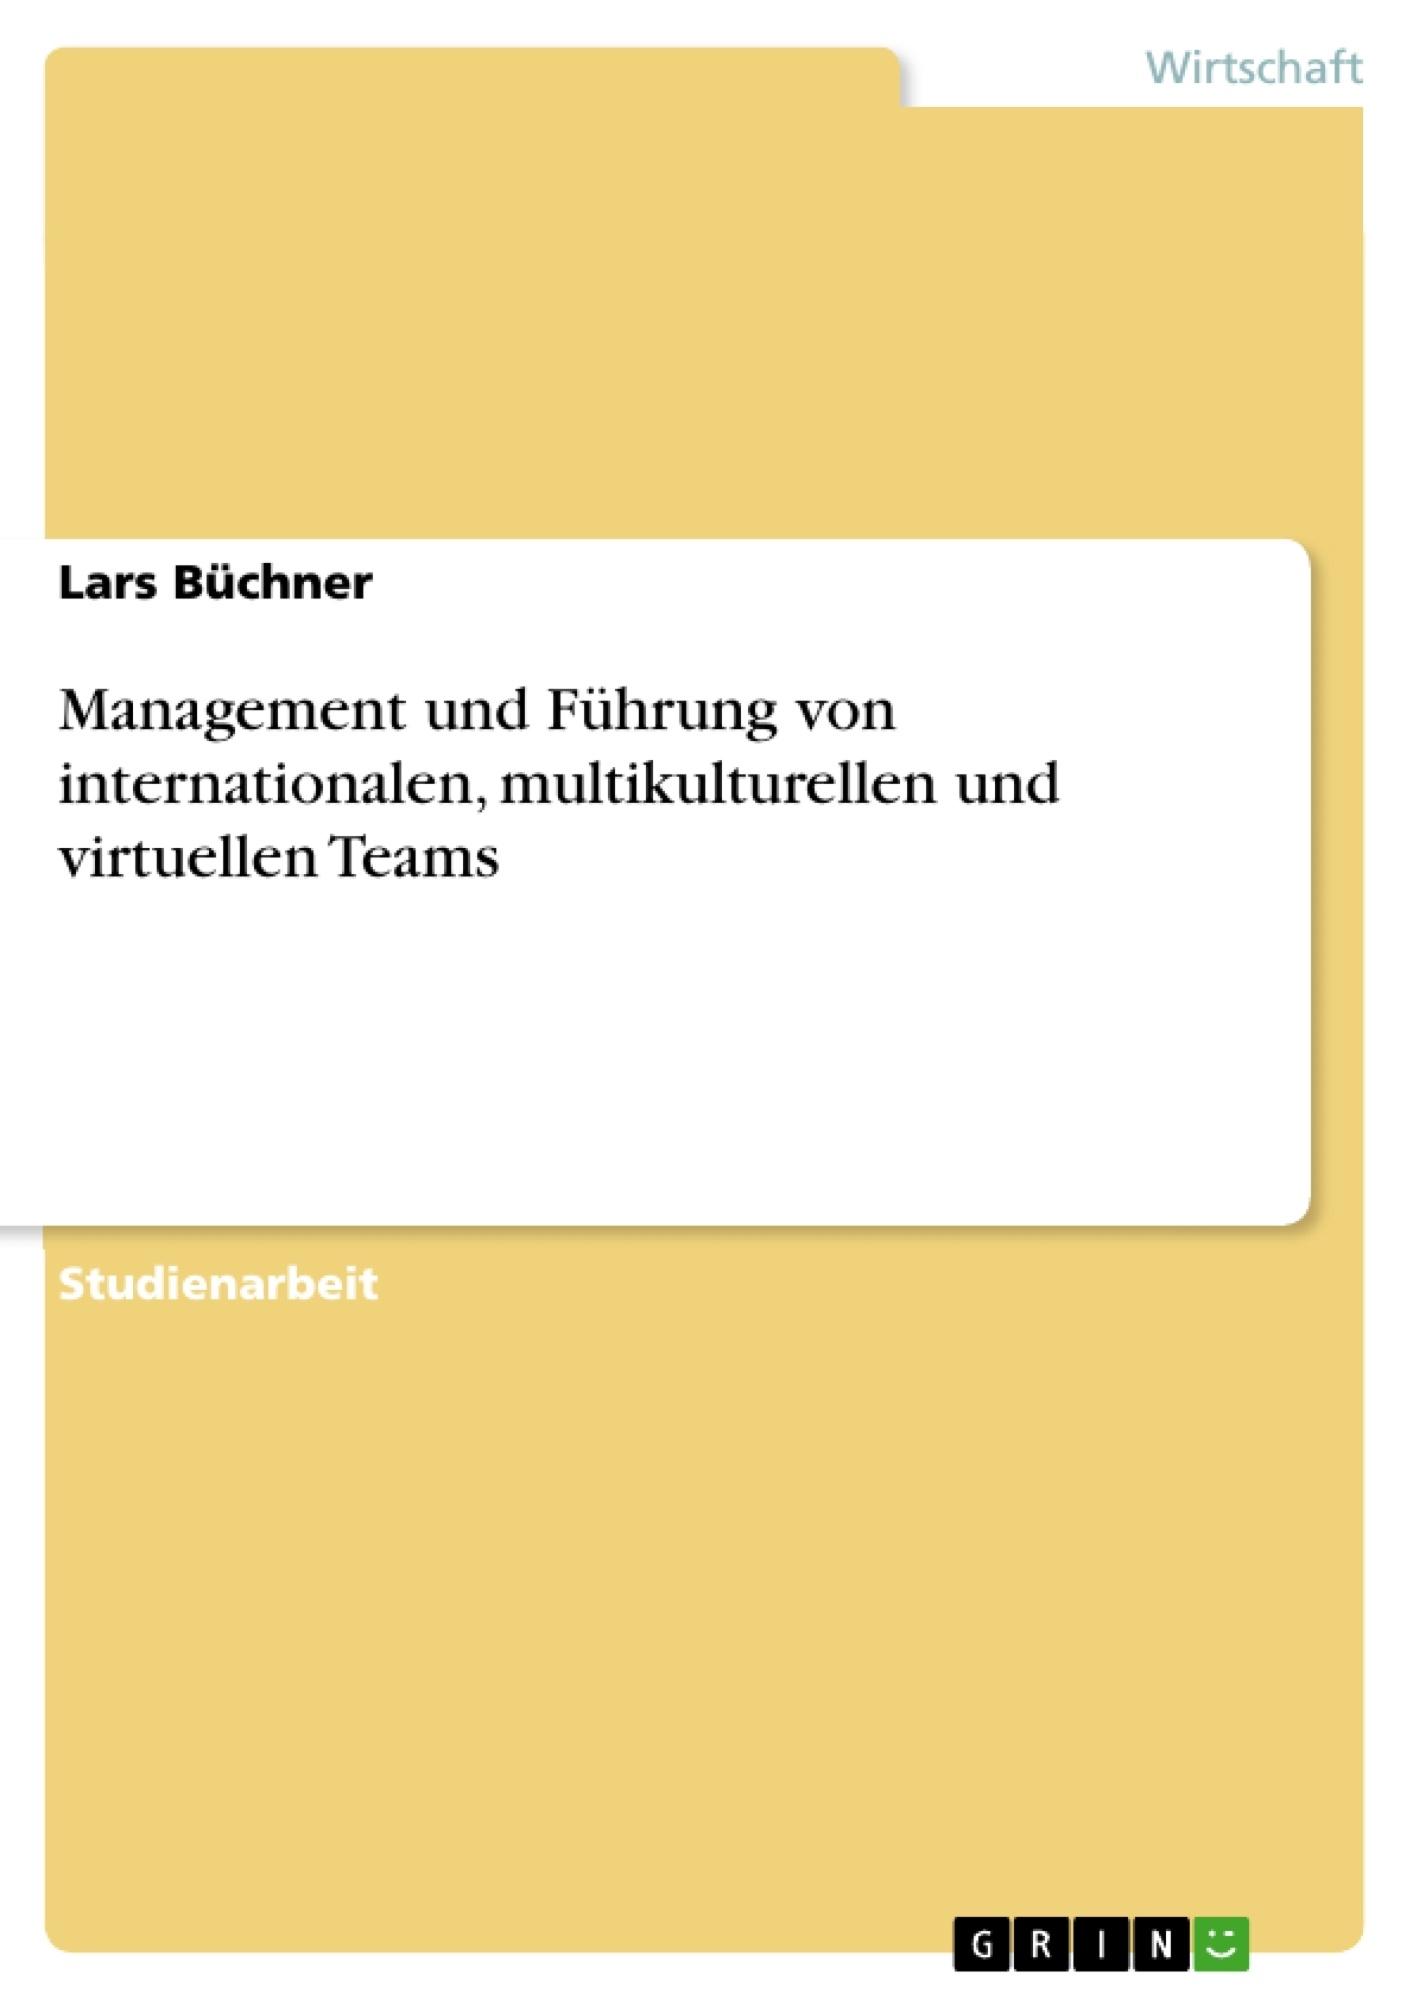 Titel: Management und Führung von internationalen, multikulturellen und virtuellen Teams